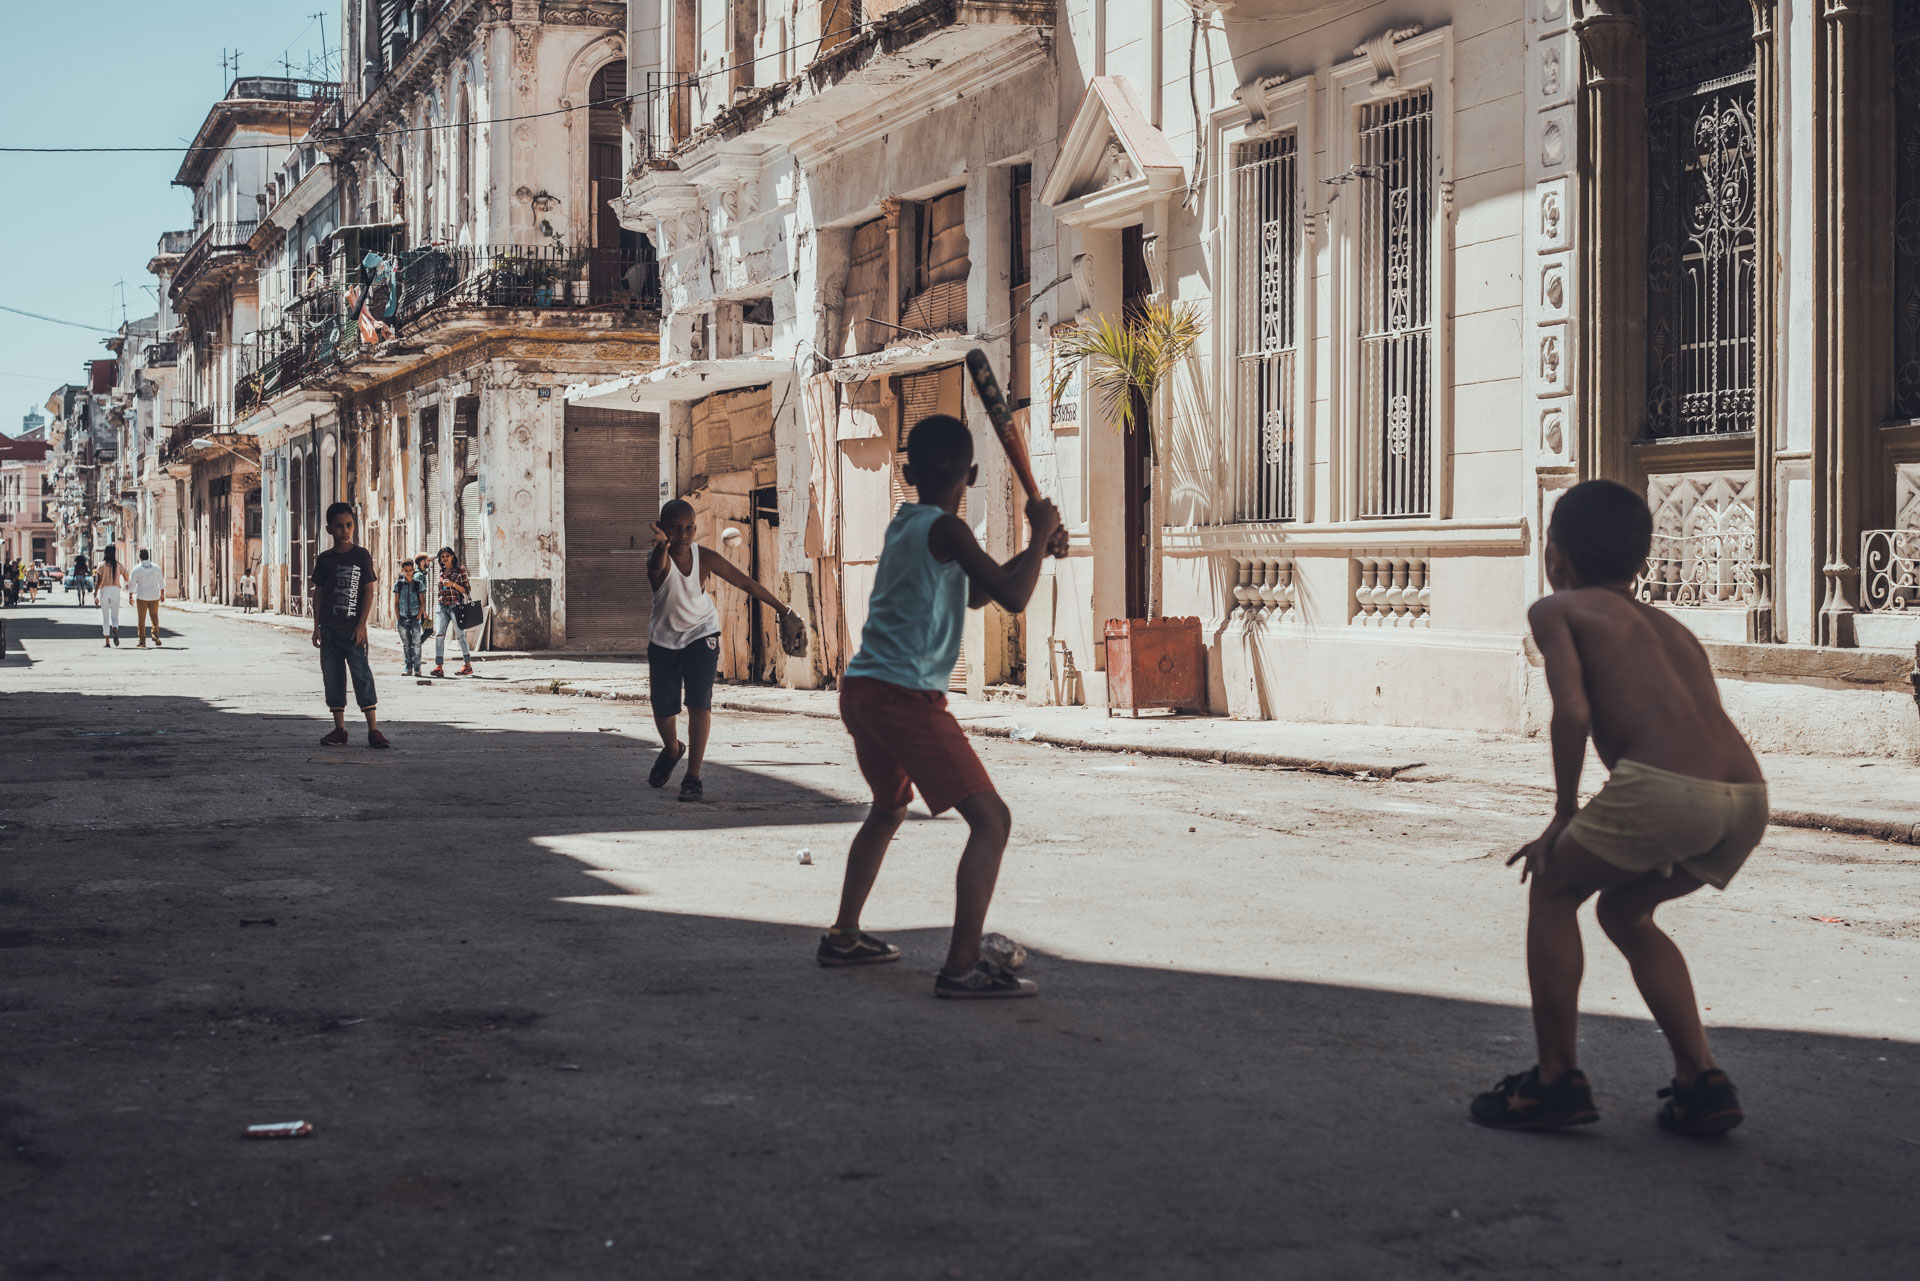 Cuba_StijnHoekstra-20.jpg